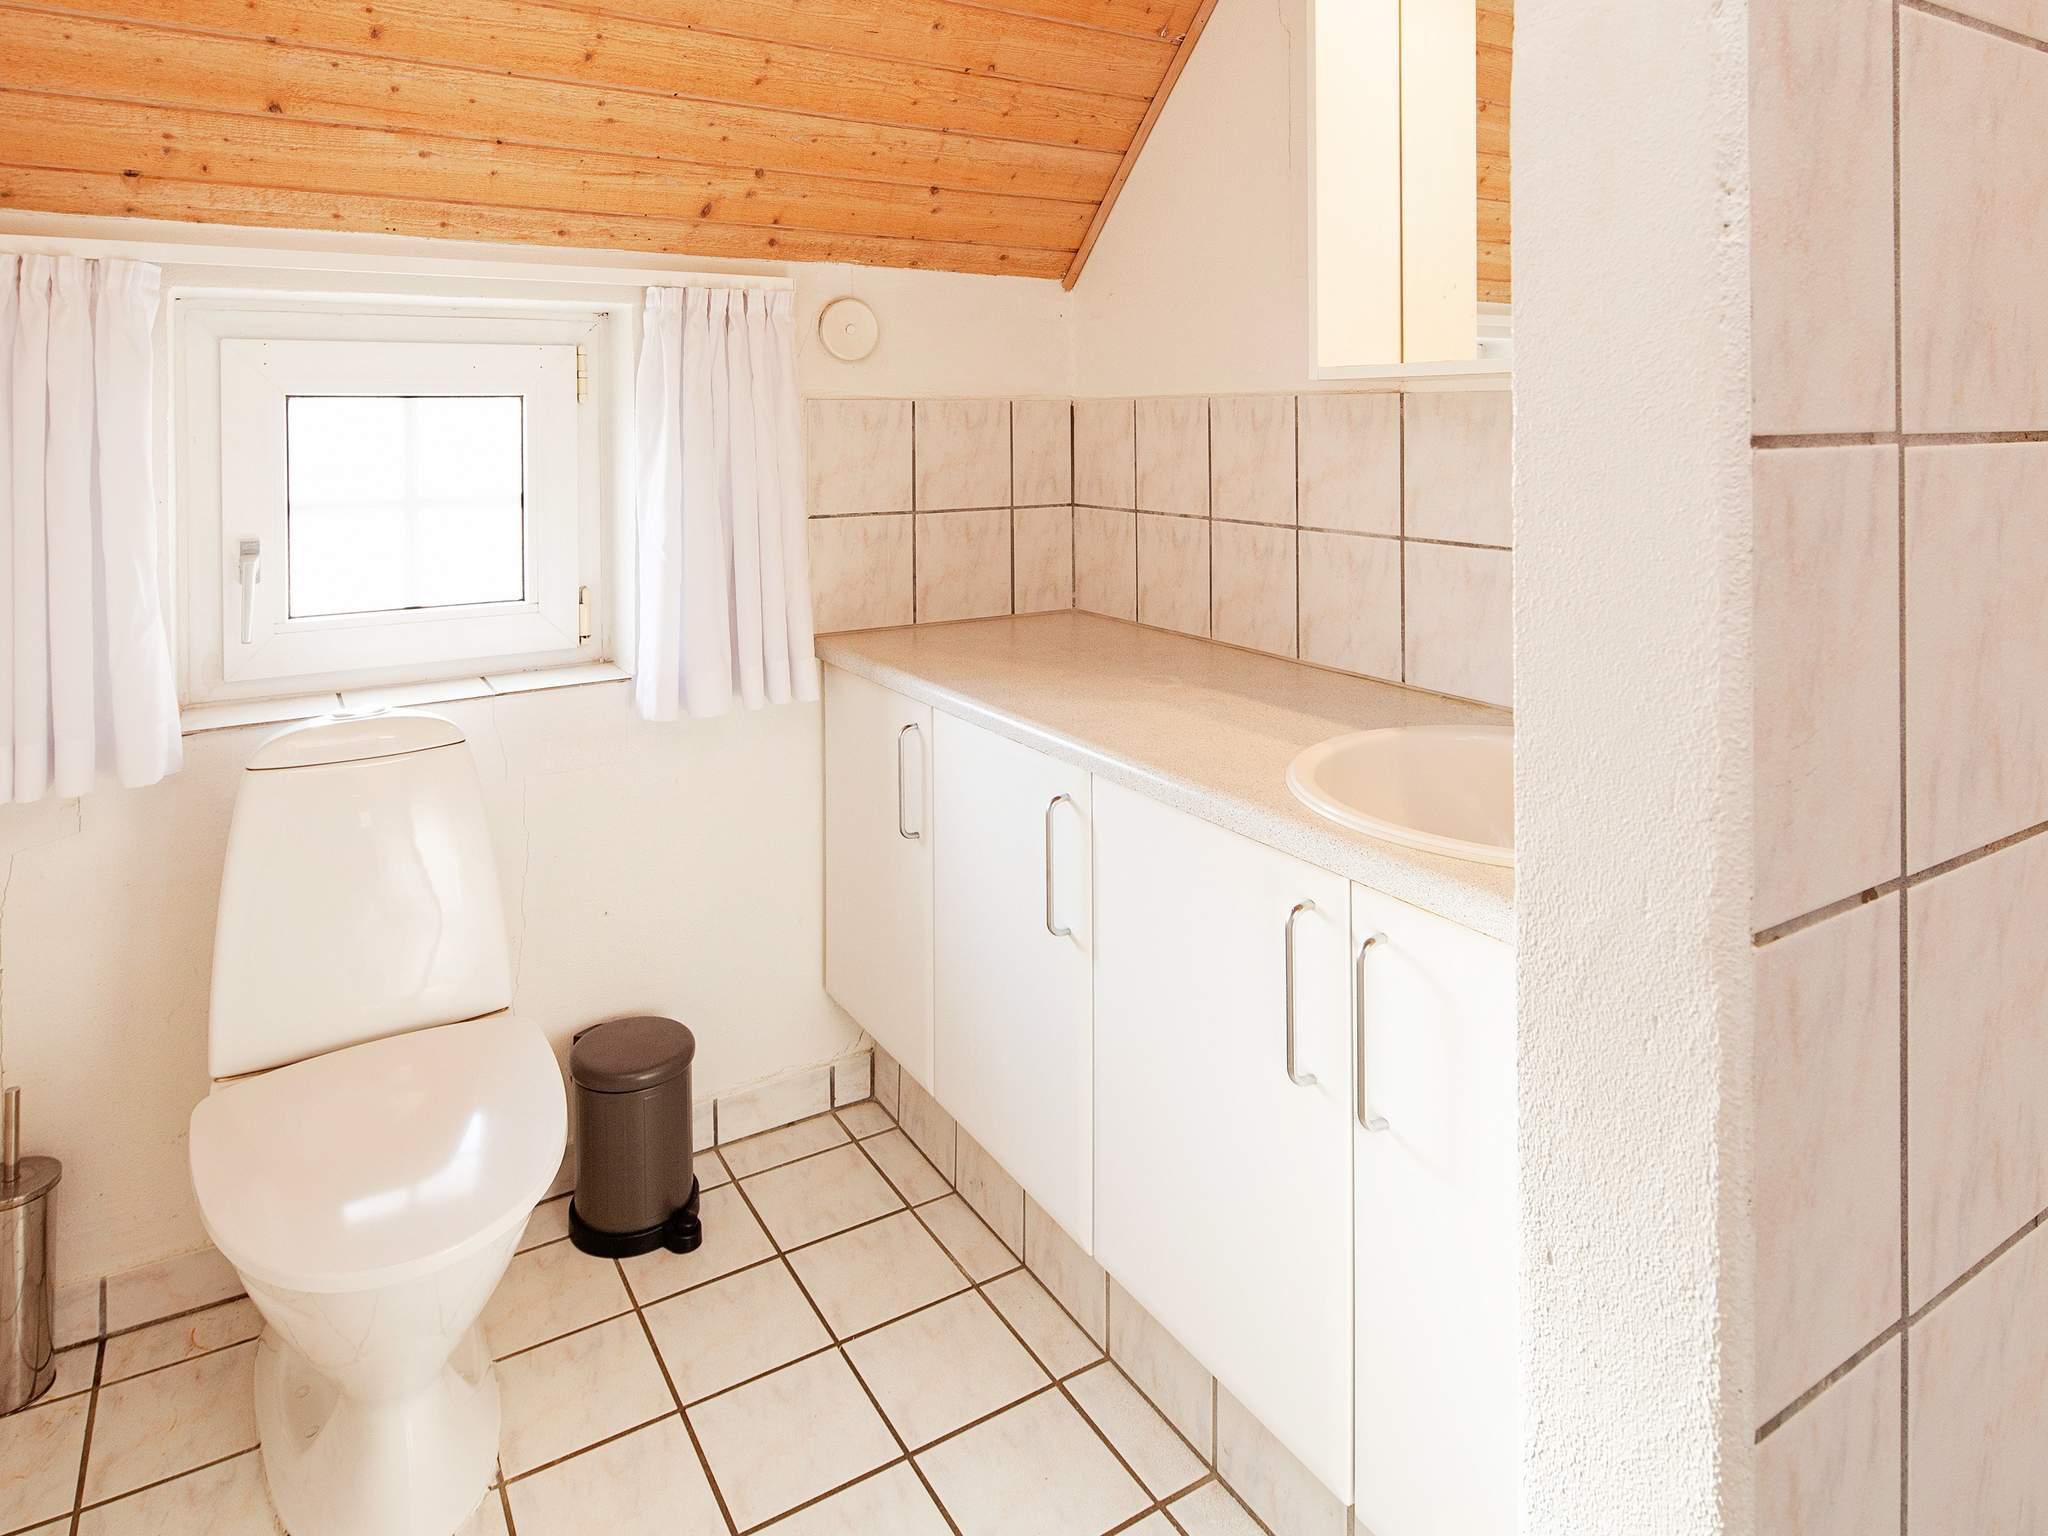 Ferienhaus Marielyst (83201), Marielyst, , Falster, Dänemark, Bild 5